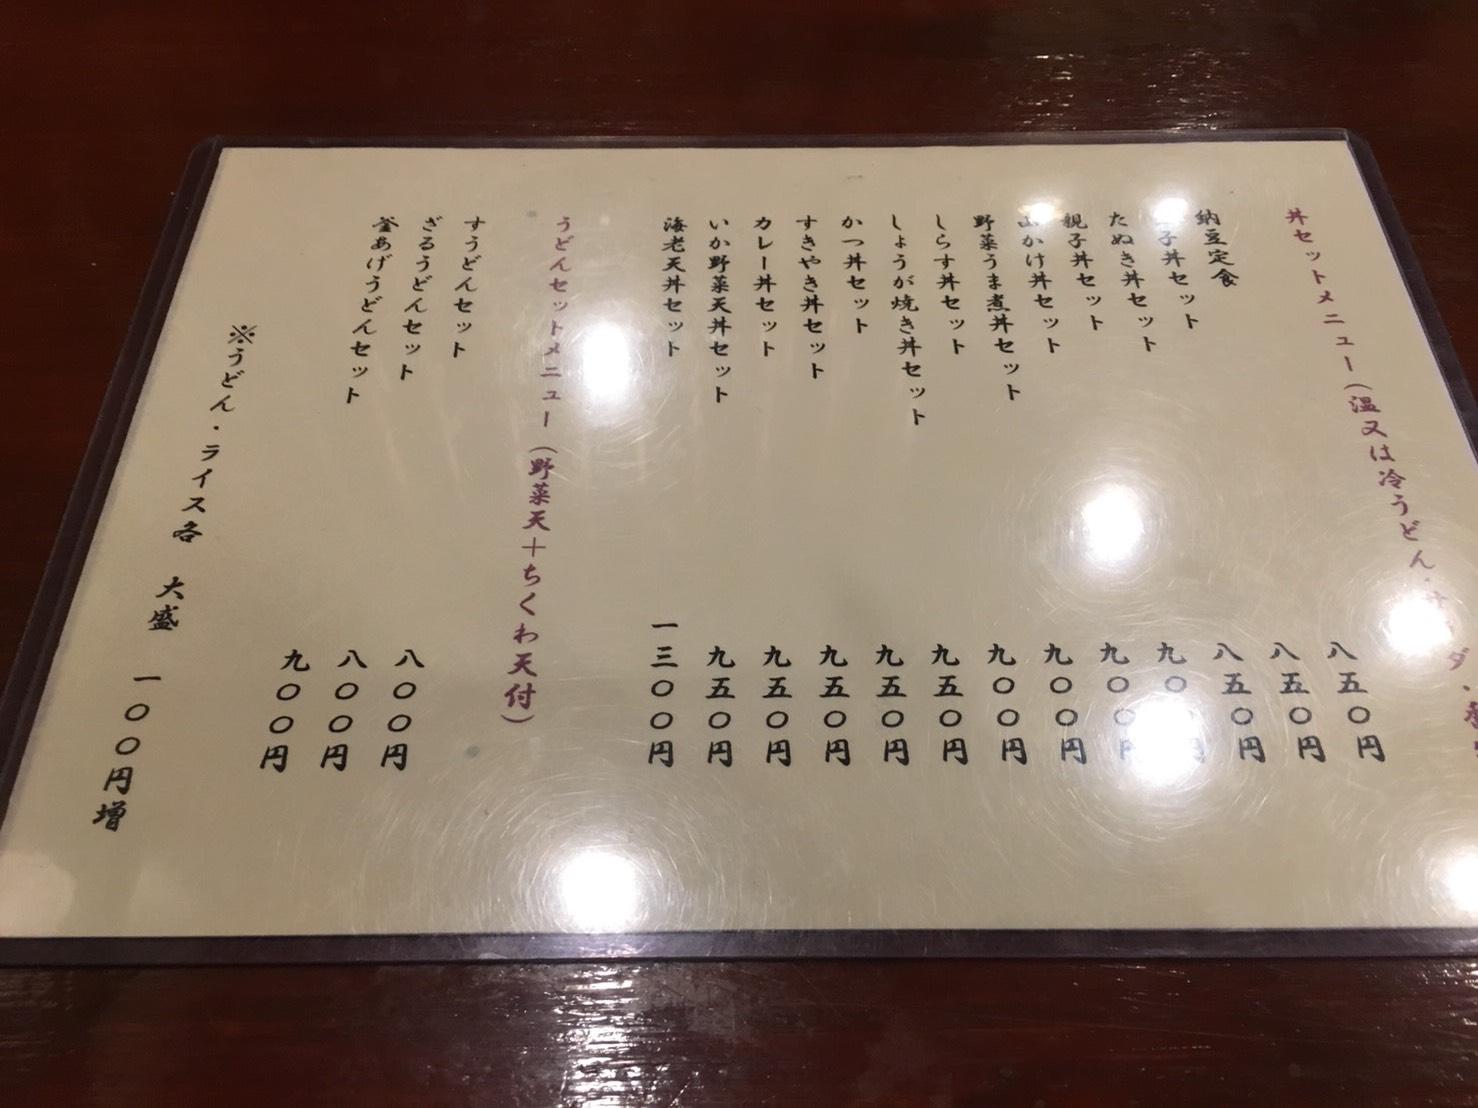 【大塚駅】関西風手打ちうどんチュルッとしたいよね「ふじ誠」のメニュー3